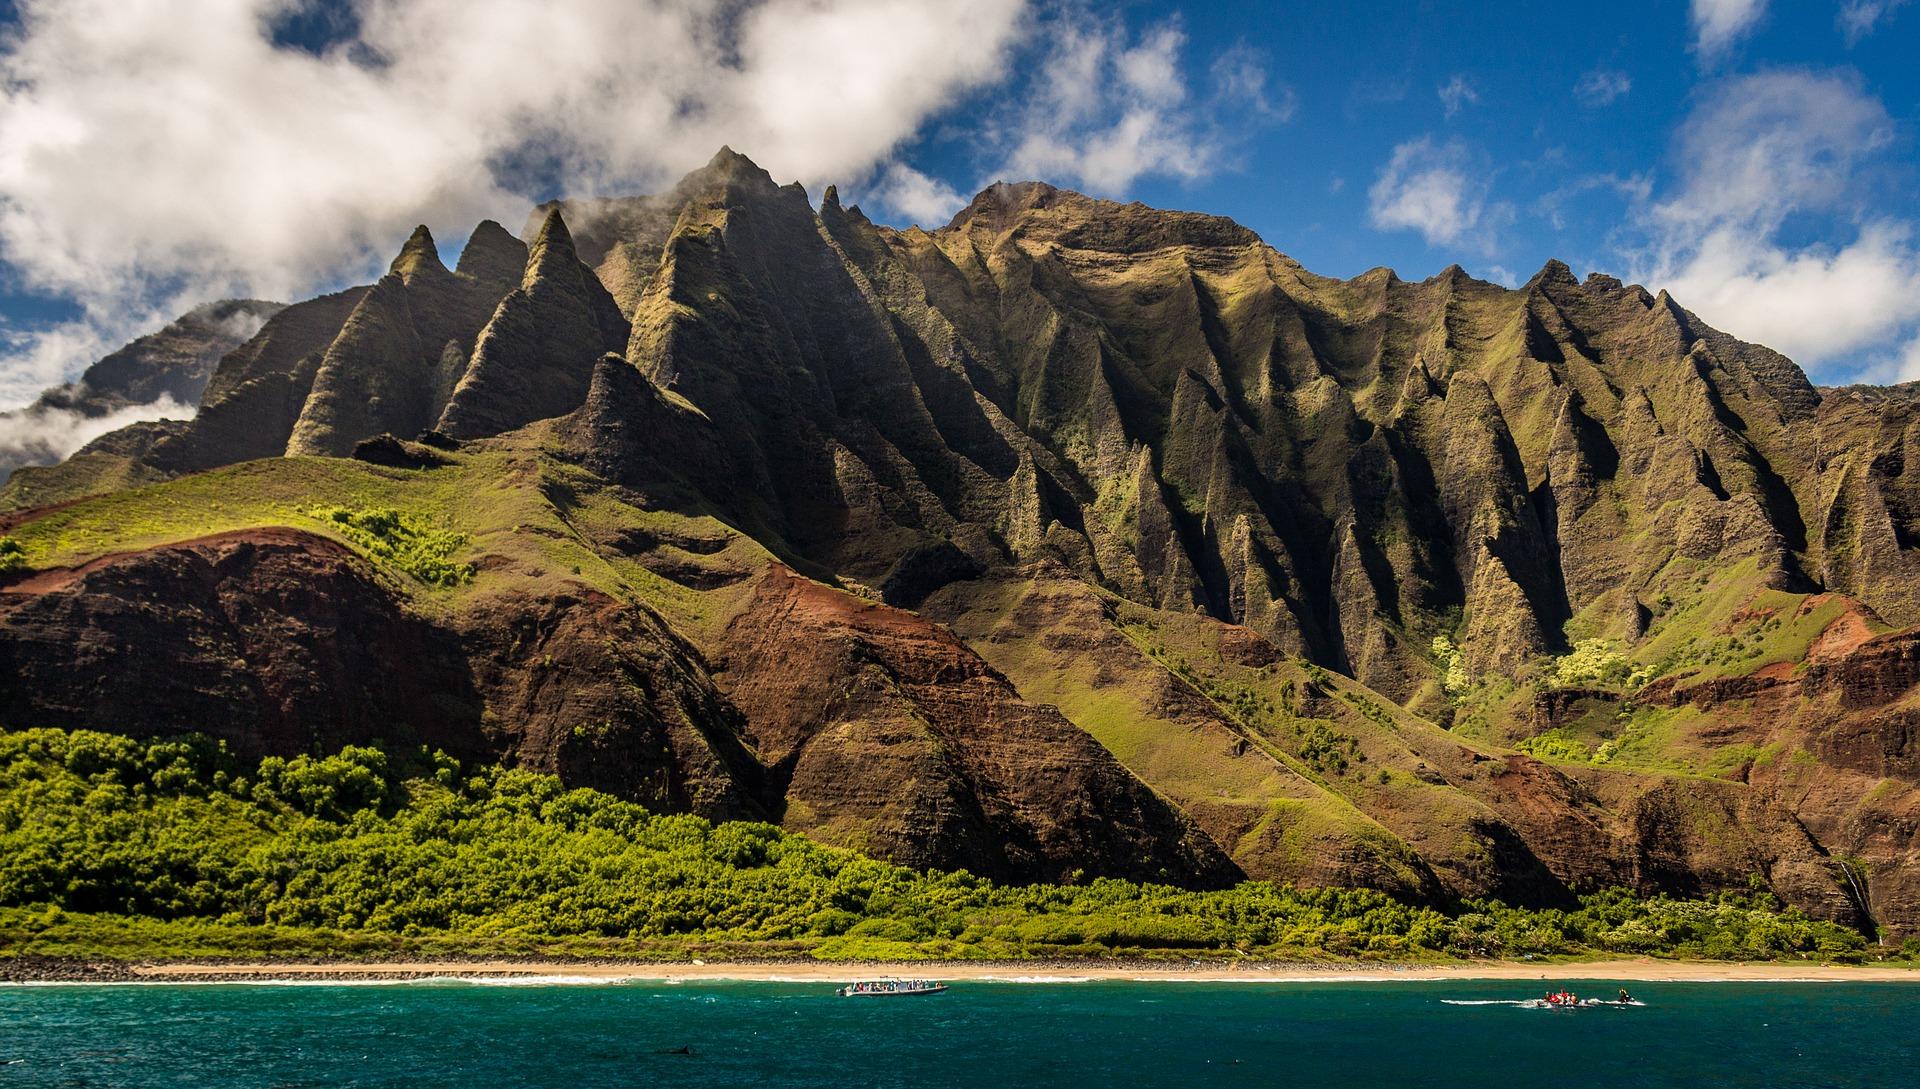 Hawai'i IslandHawai'i Island